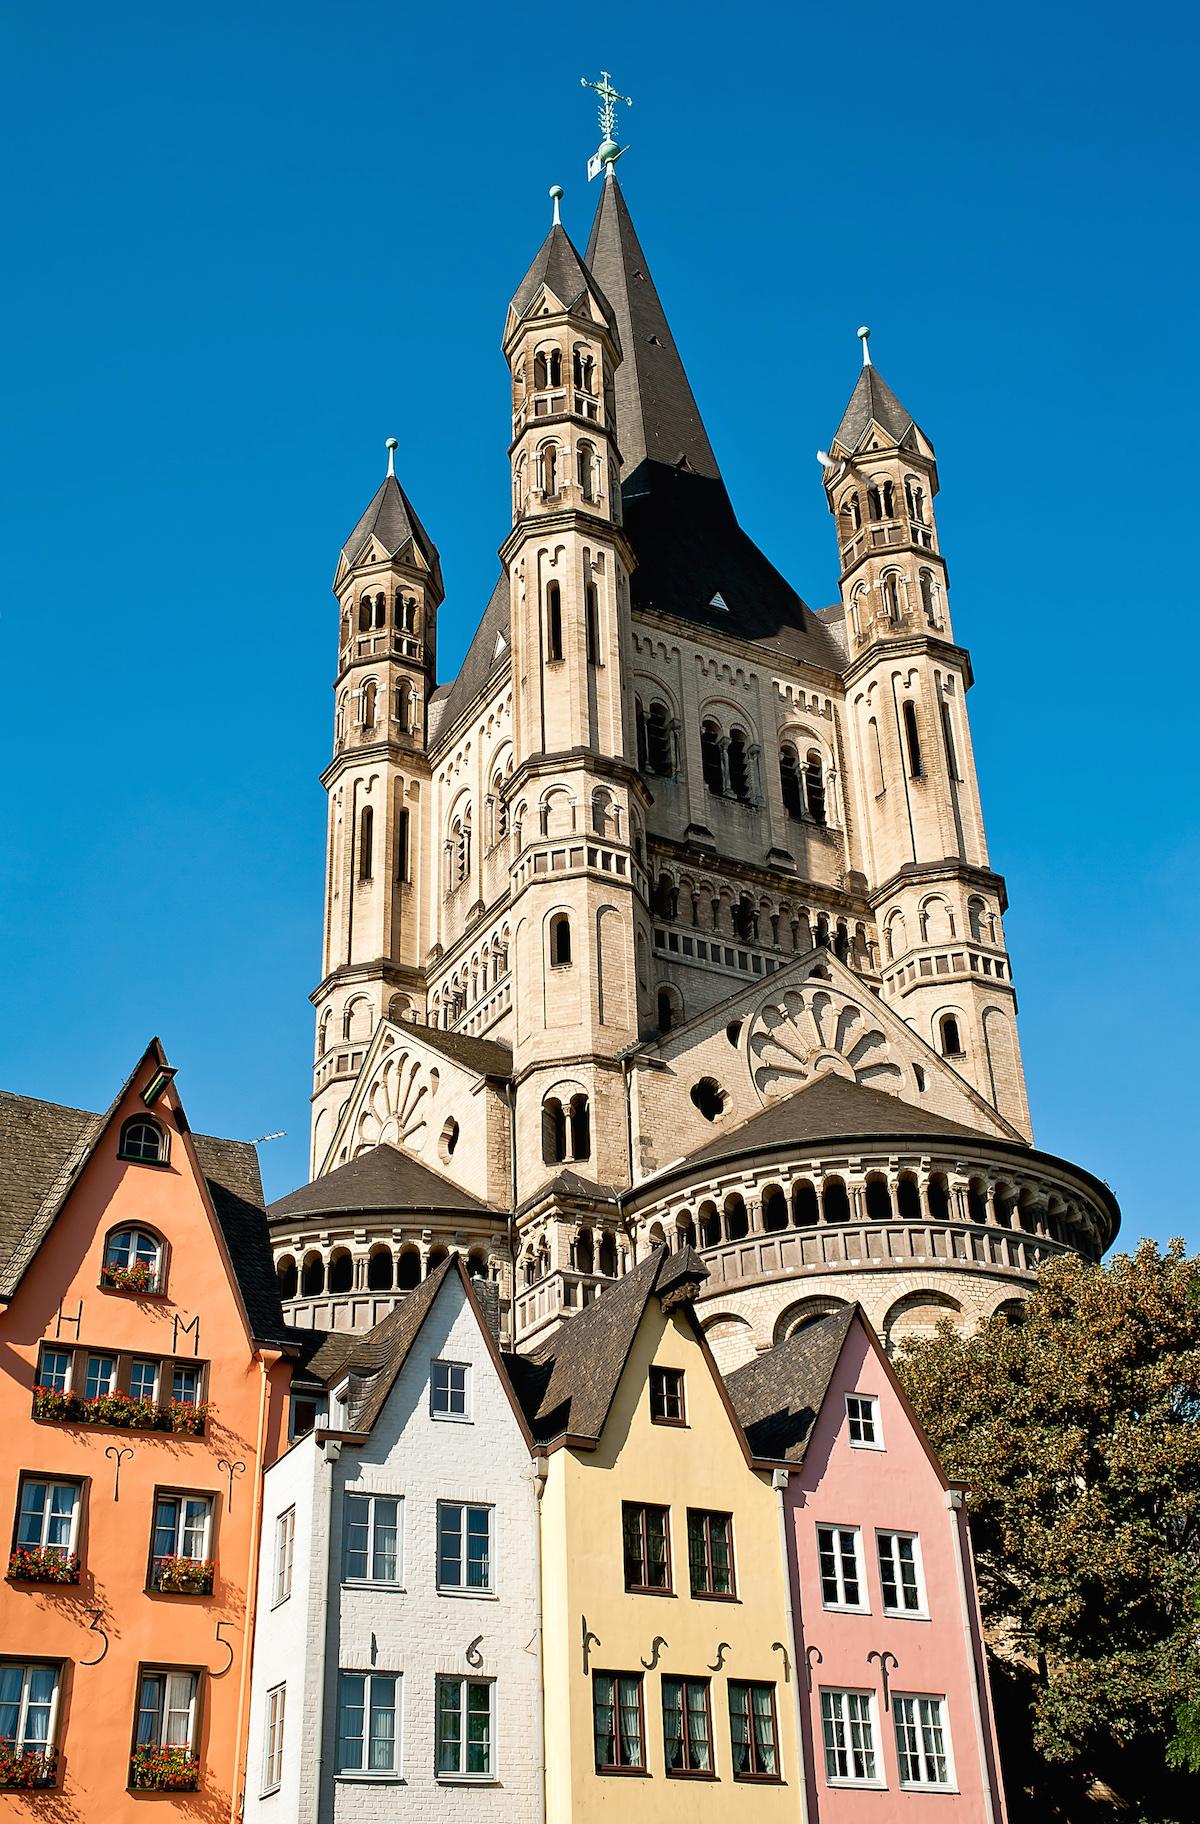 Altstadt Keulen